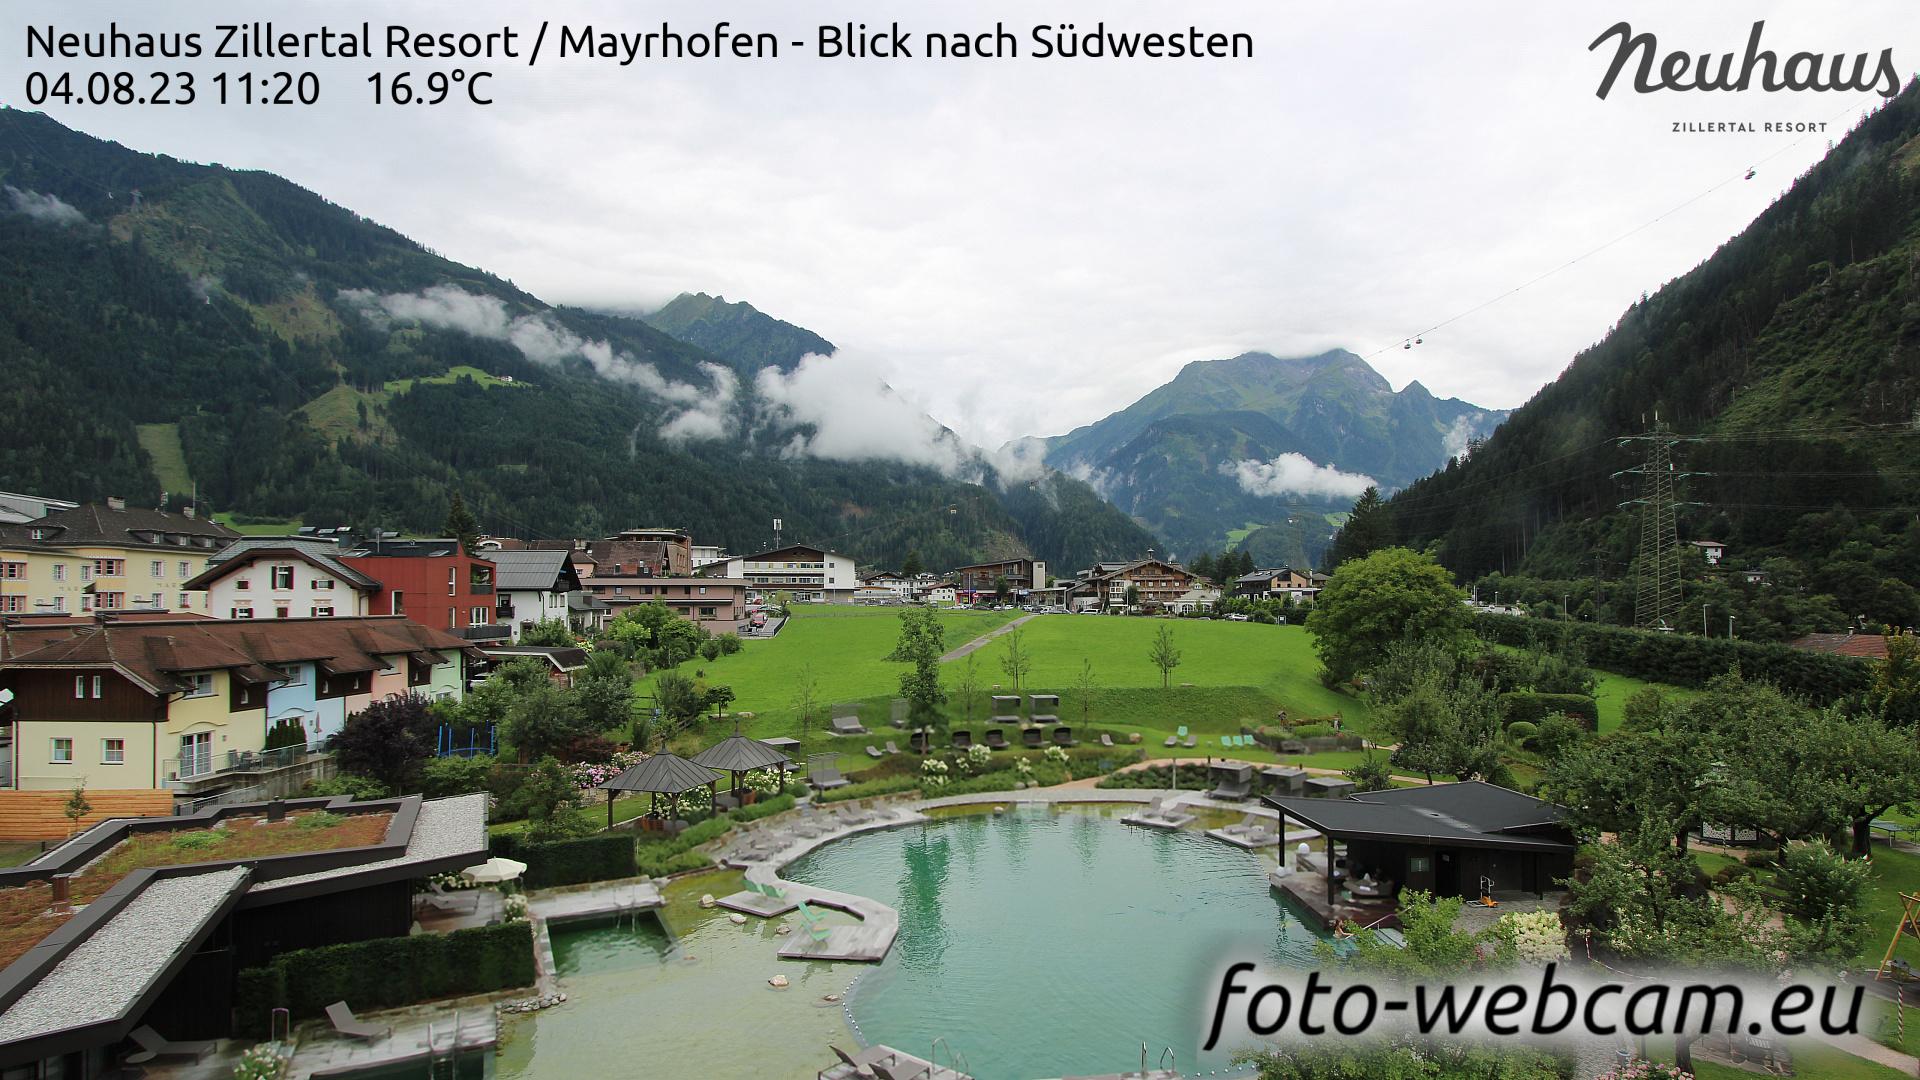 Mayrhofen Sun. 11:33